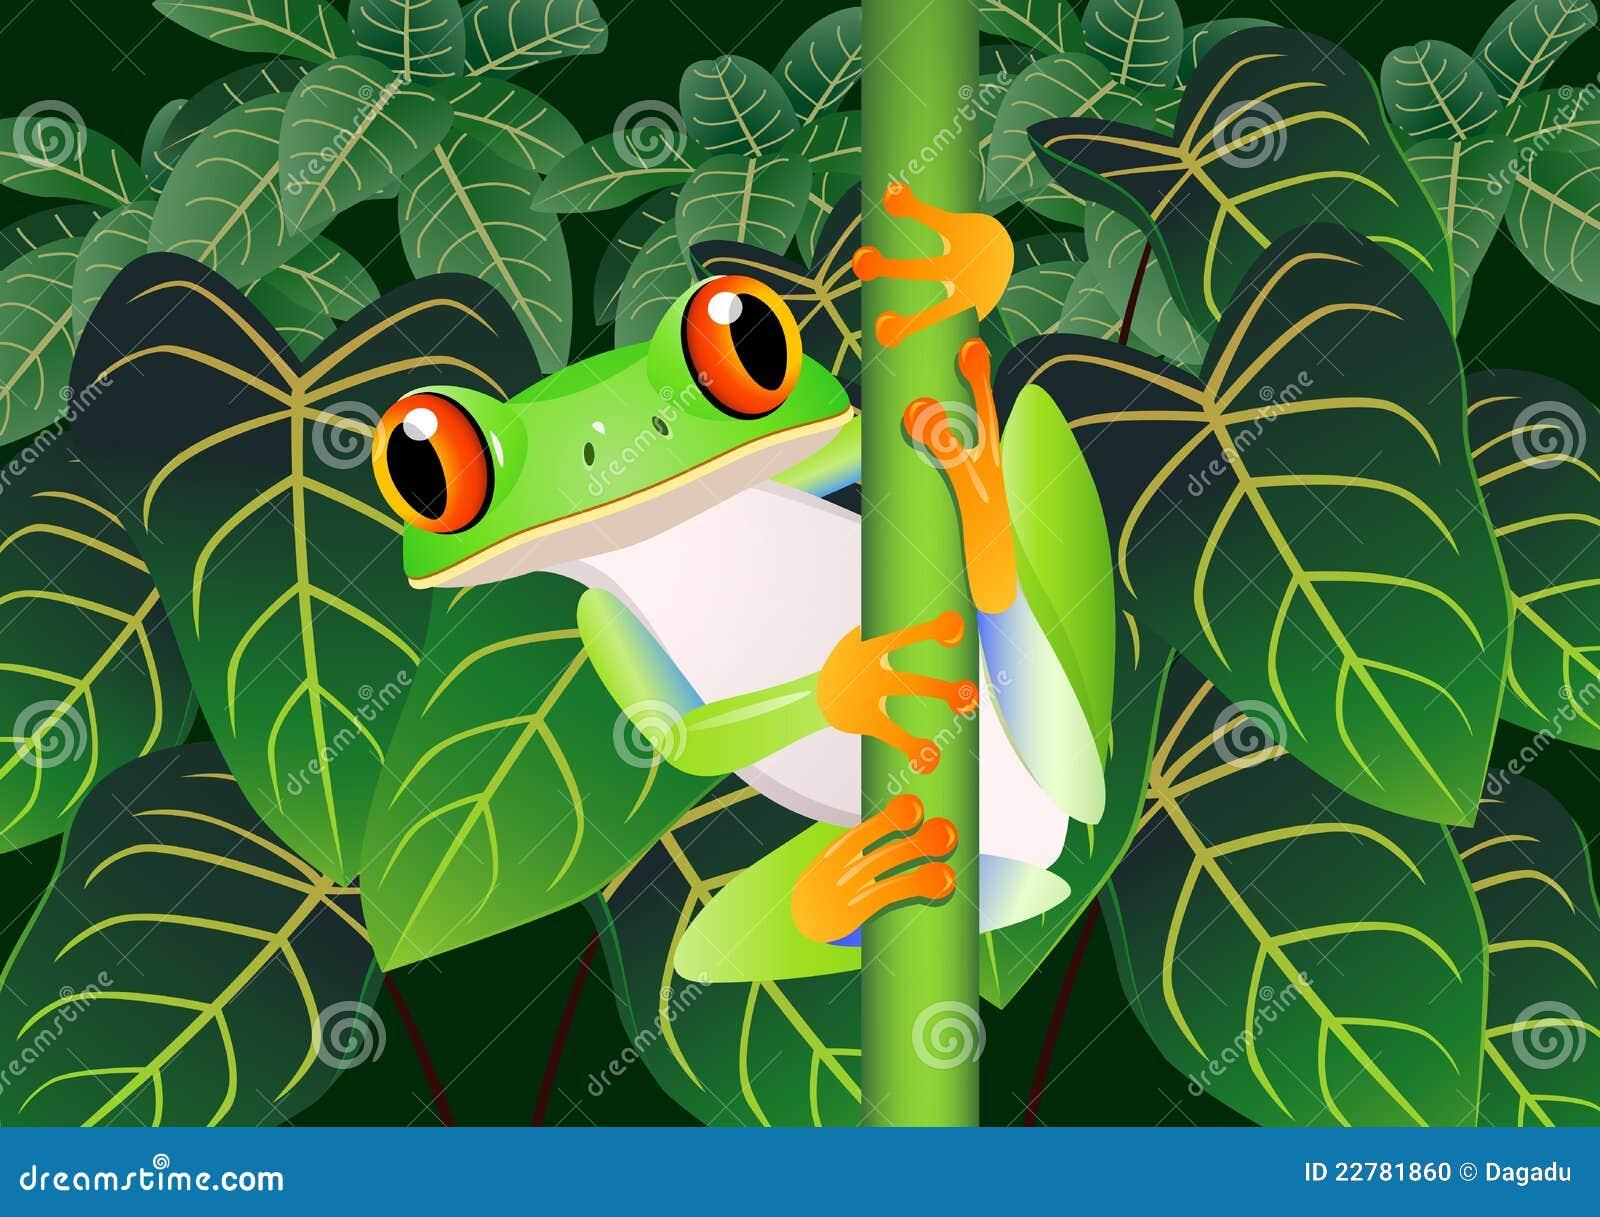 Dessin anim de grenouille - Dessin de grenouille verte ...